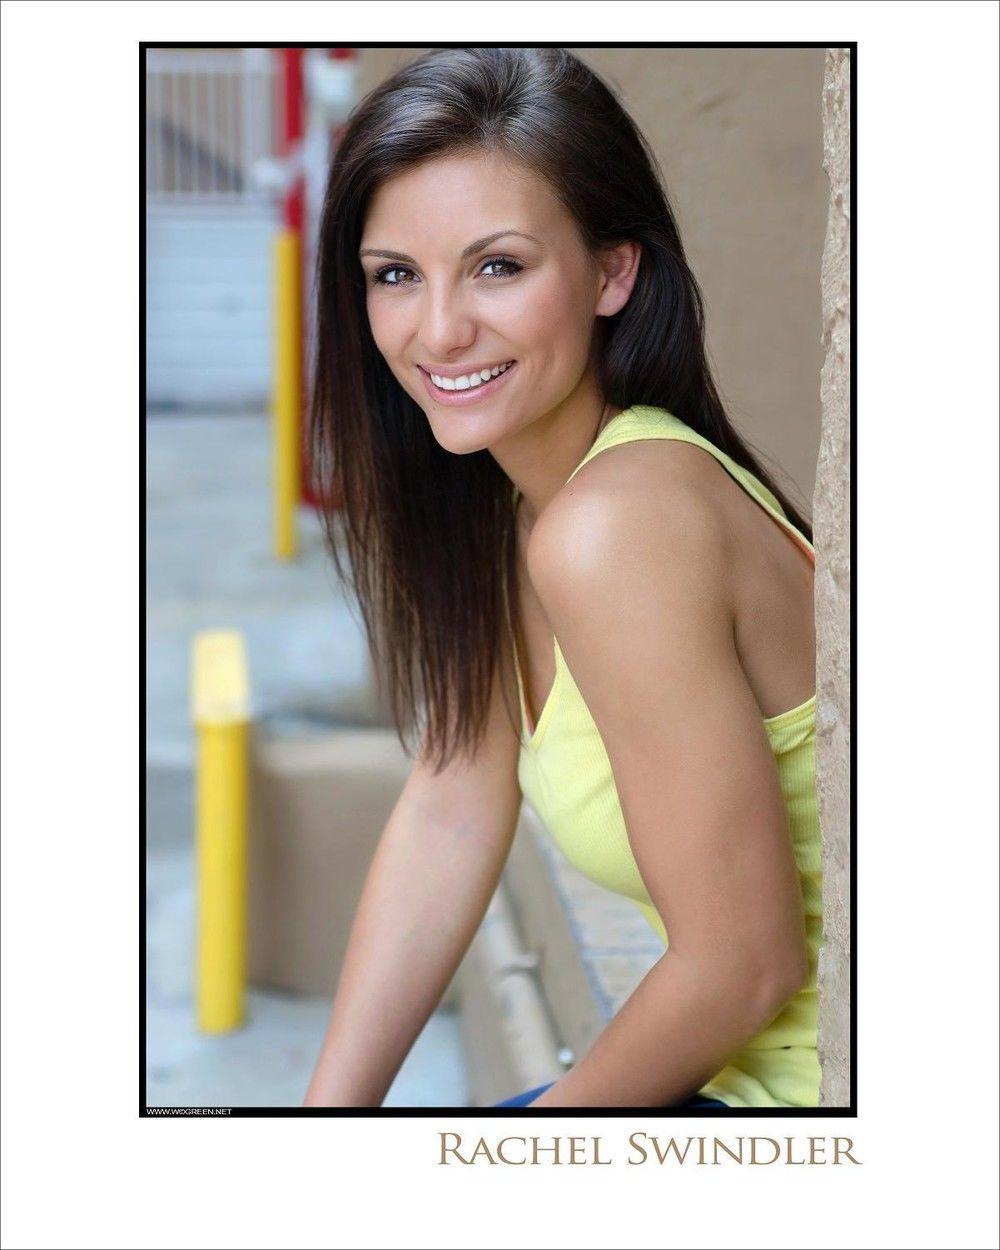 Rachel Swindler